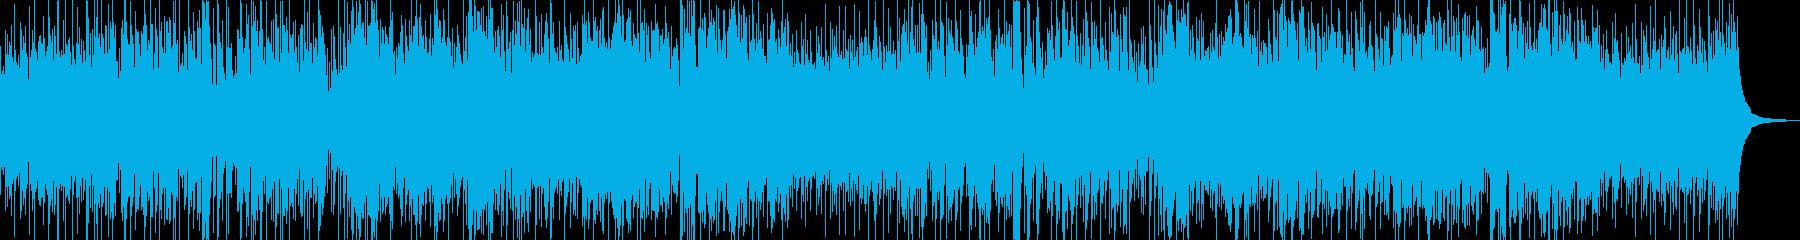 切ないポップスの再生済みの波形